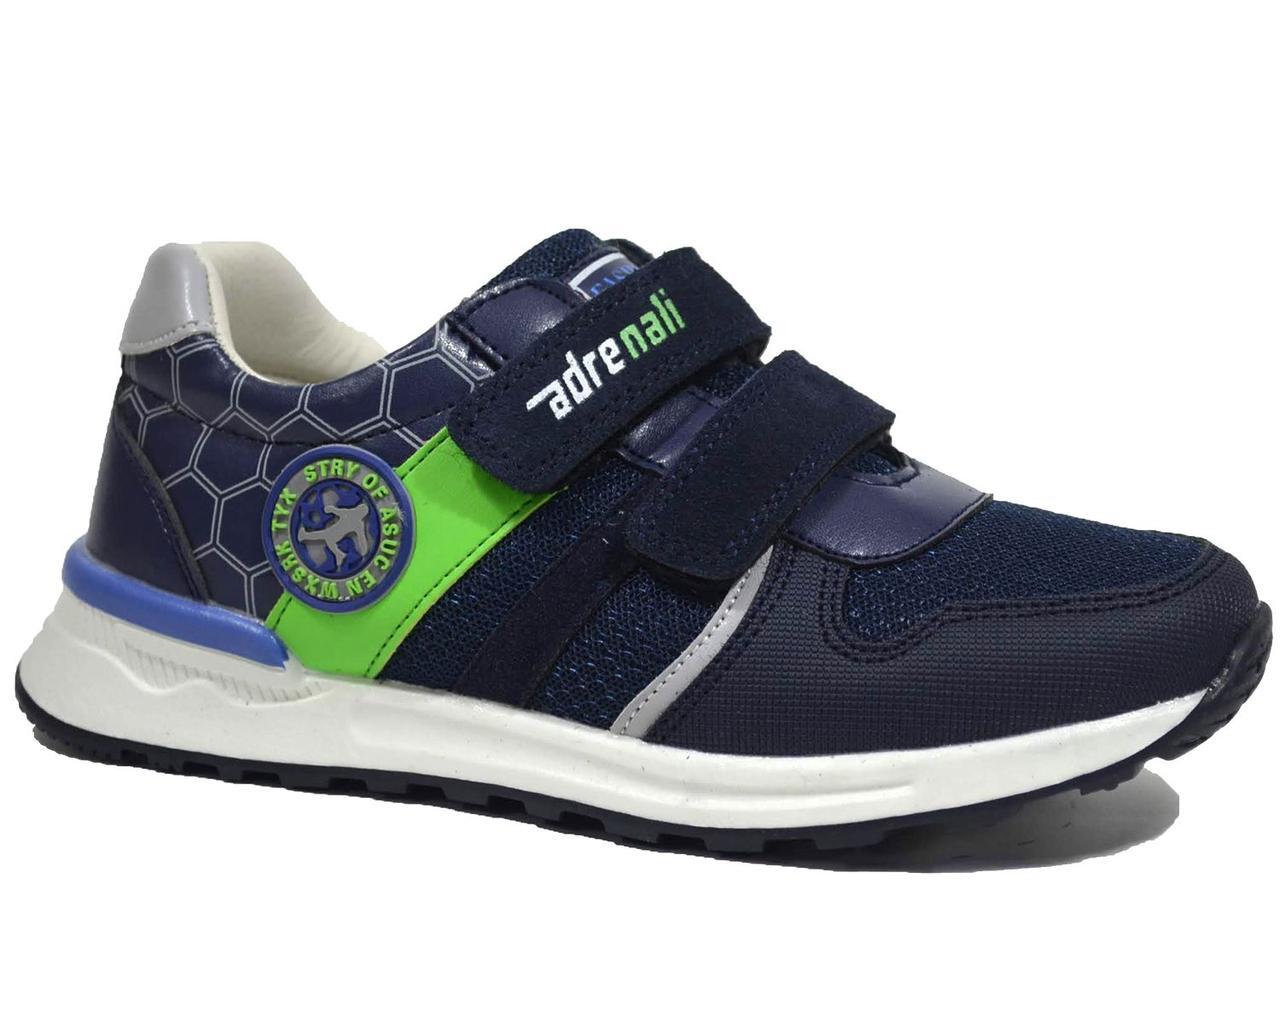 Кросівки ТОМ.М арт.5430-E, синій-зелений, 35, 21.5